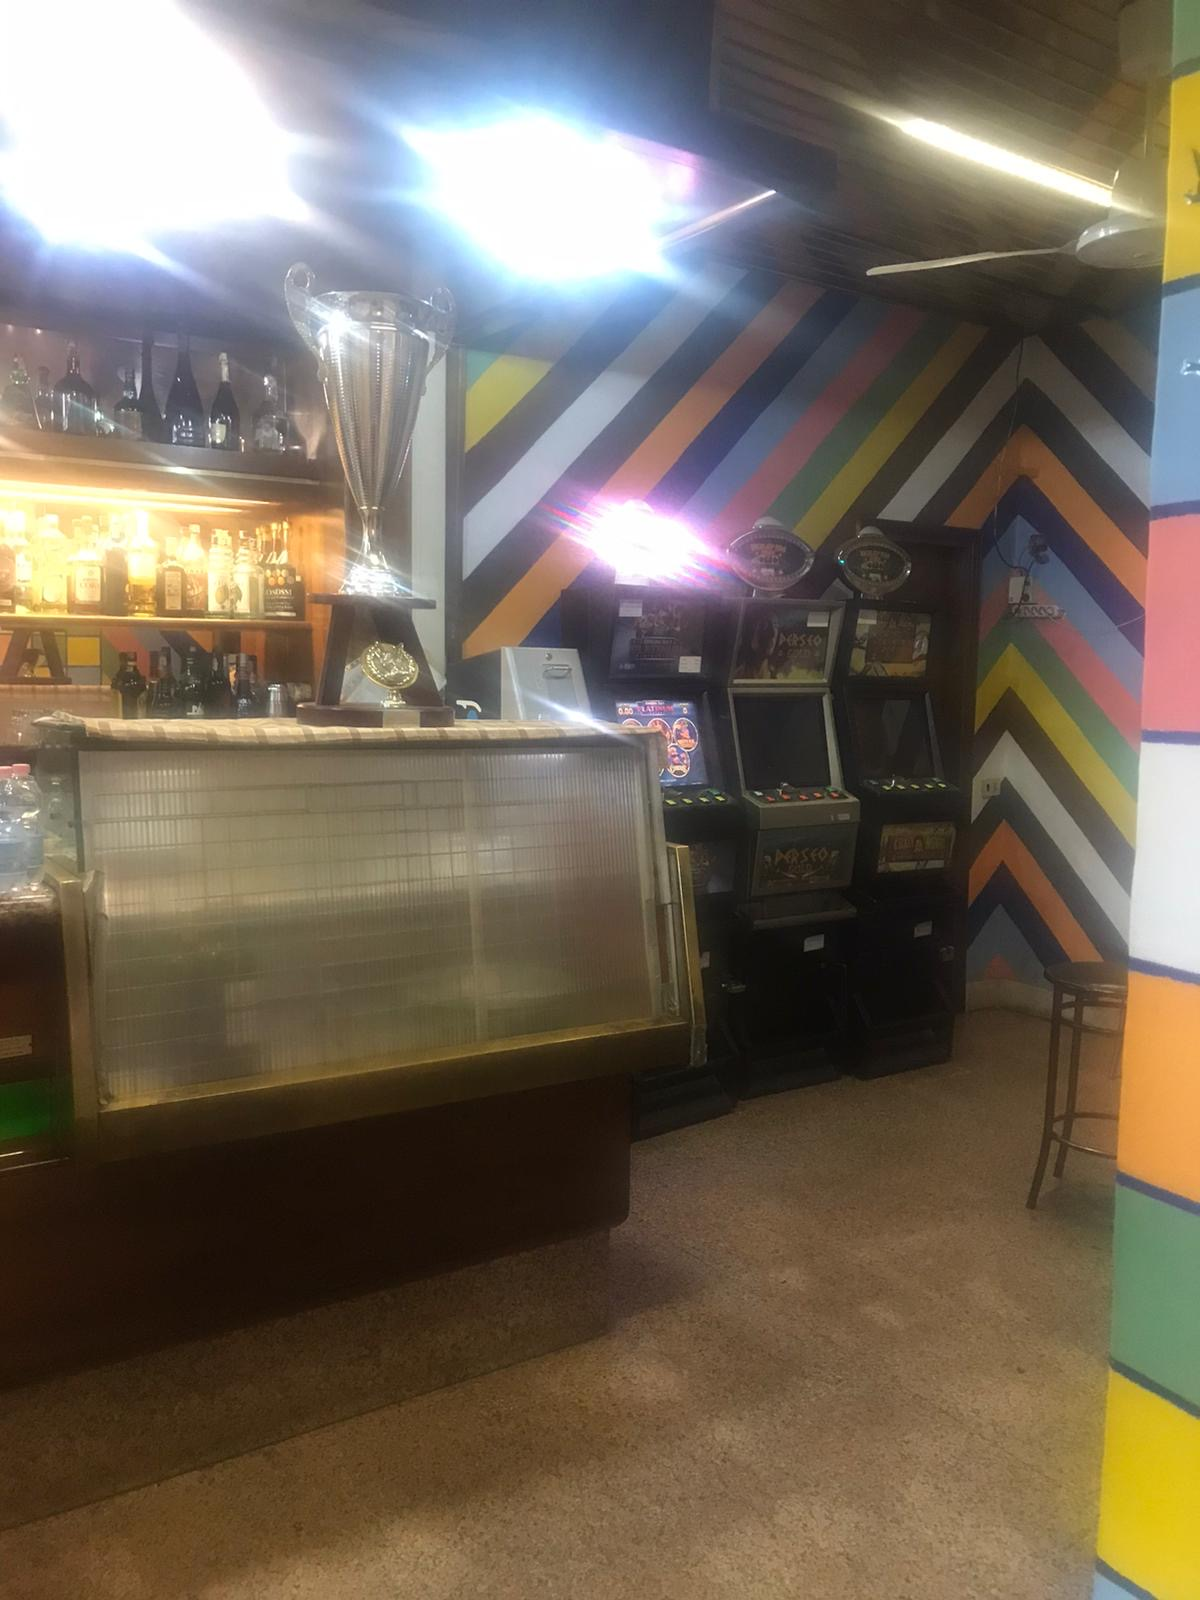 Trattoria Bar tabacchi  Pioltello